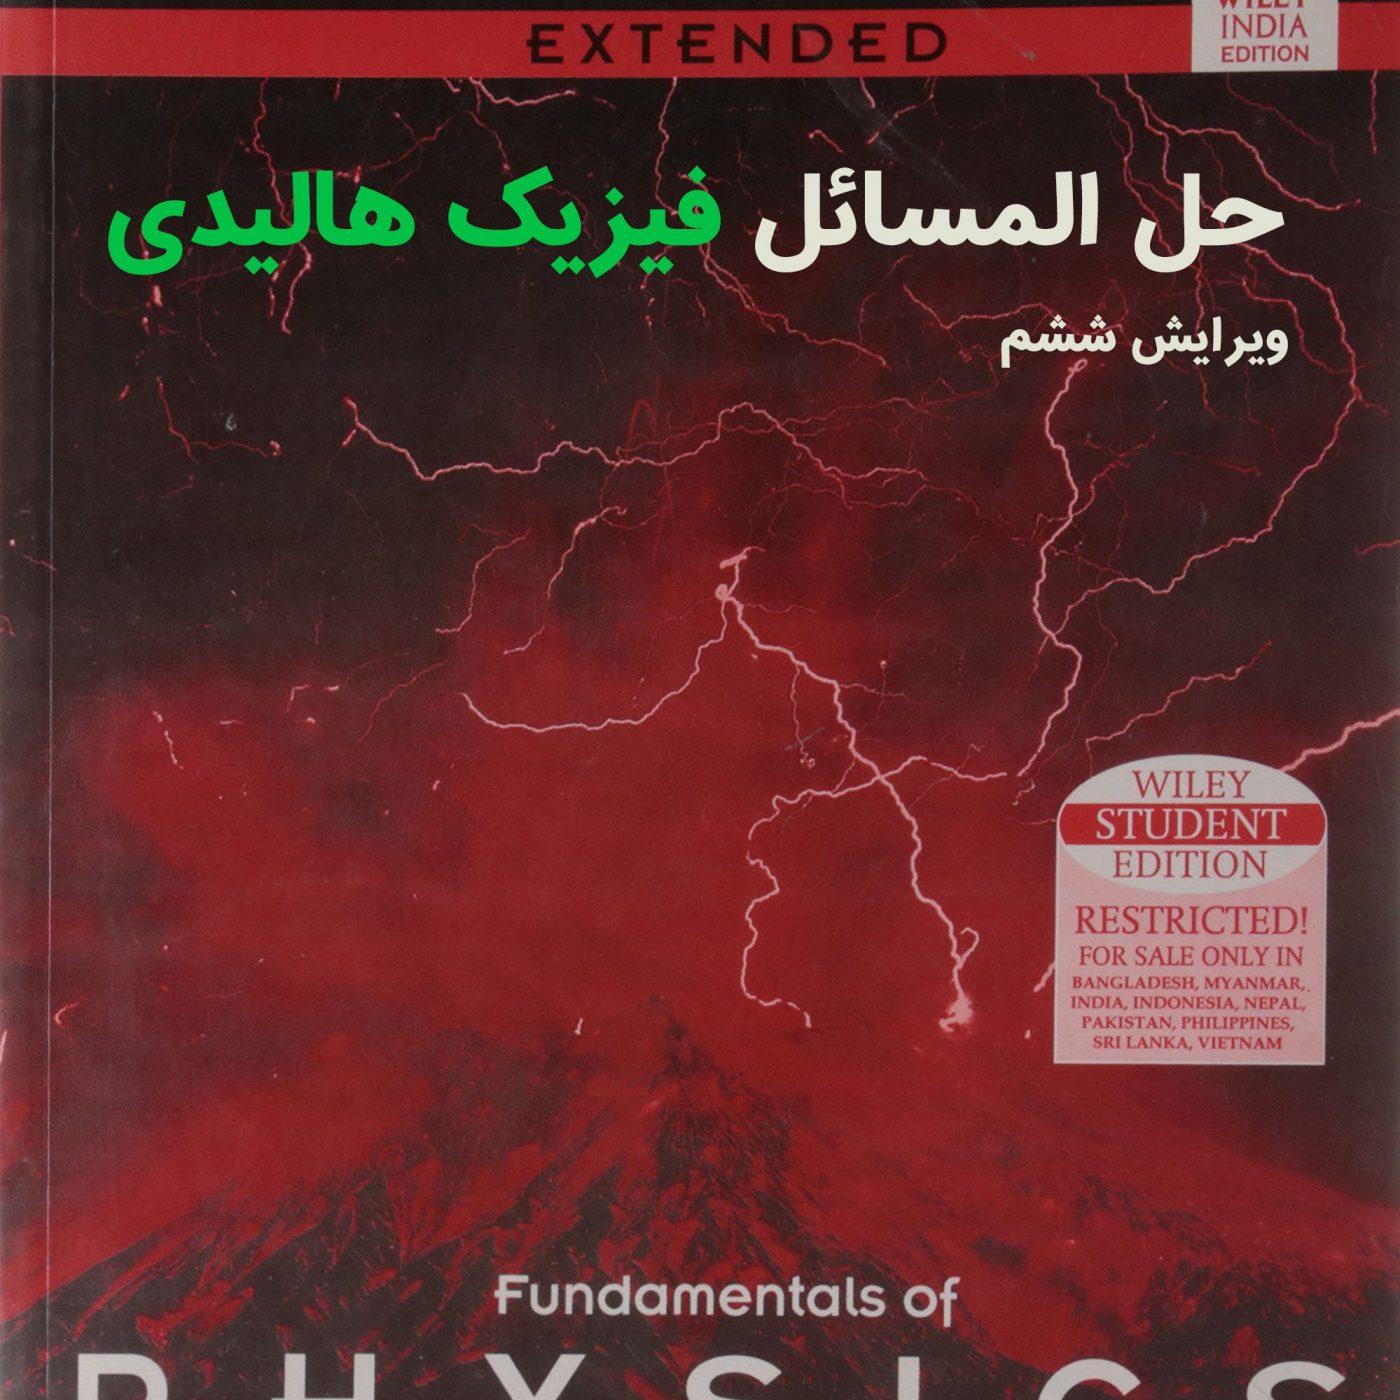 دانلود حل المسائل فیزیک هالیدی ویرایش 6